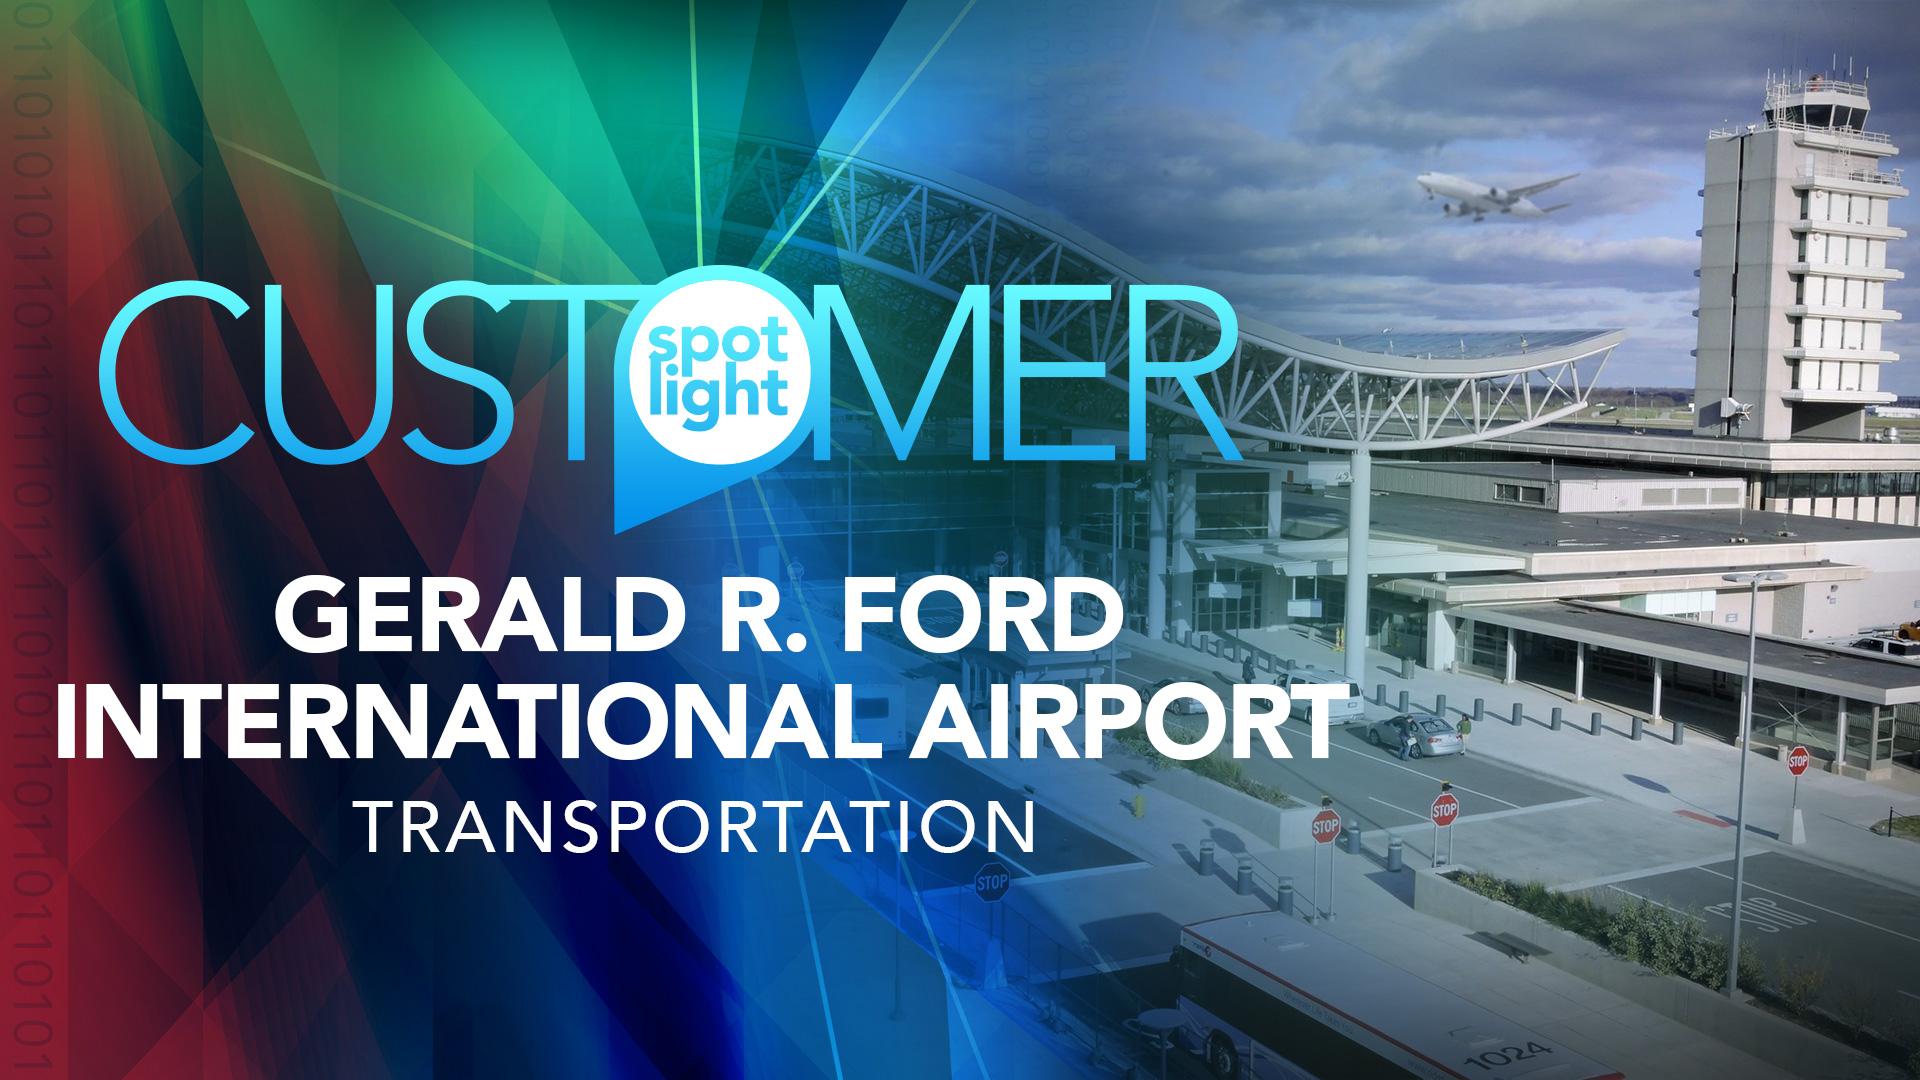 Customer Spotlight – Gerald R. Ford International Airport